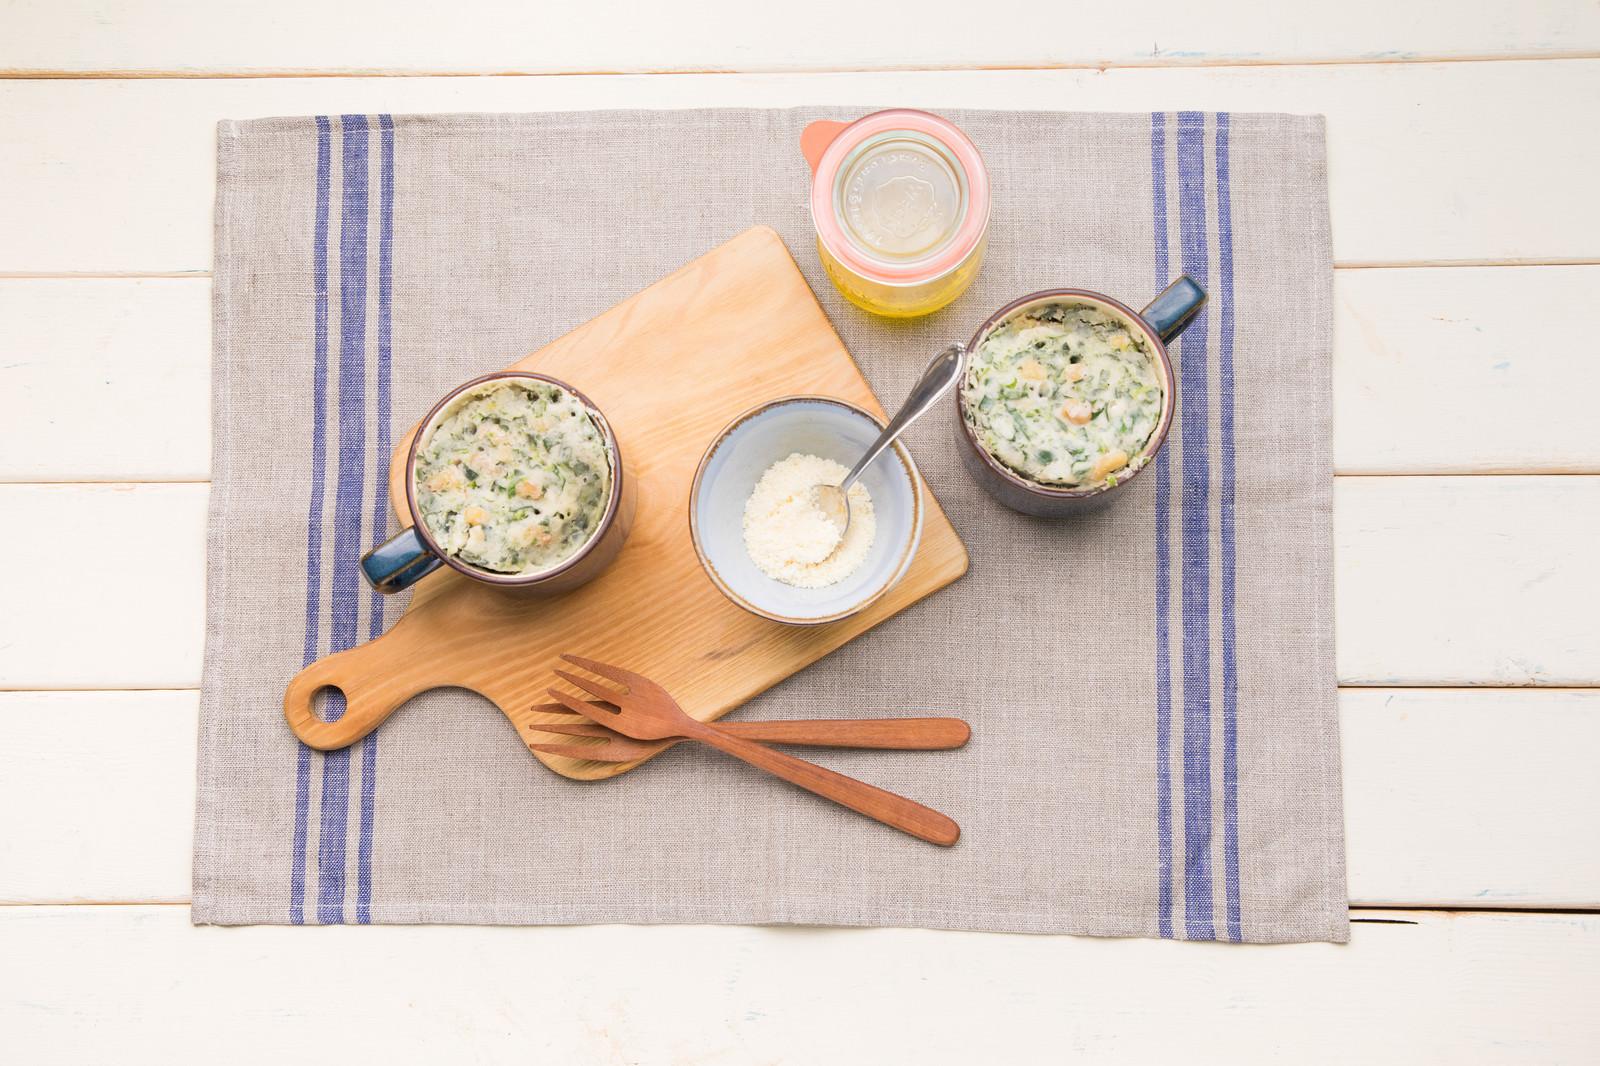 「米粉生地の蒸しパン」の写真